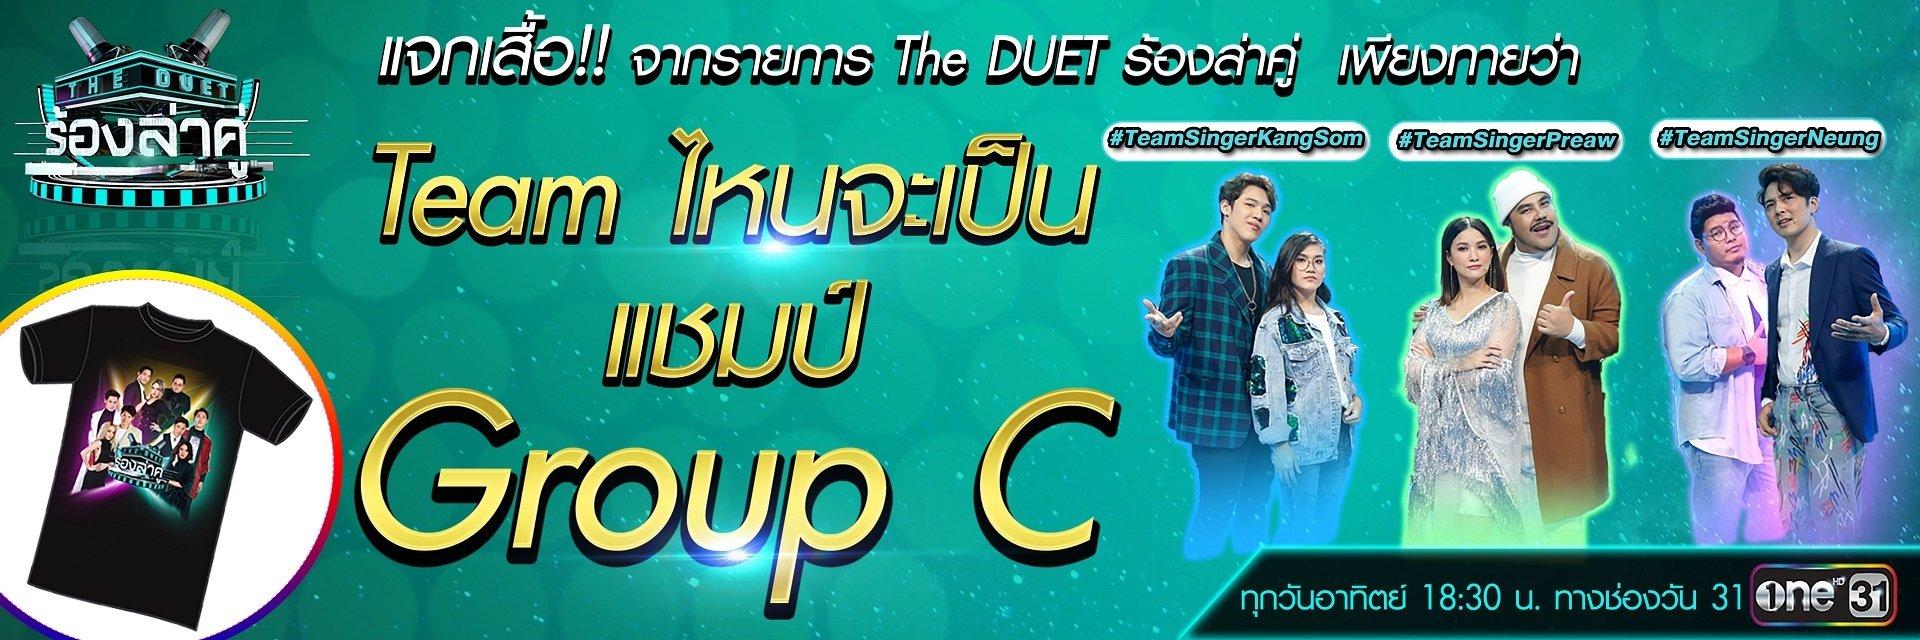 The Duet แจกเสื้อ Group C